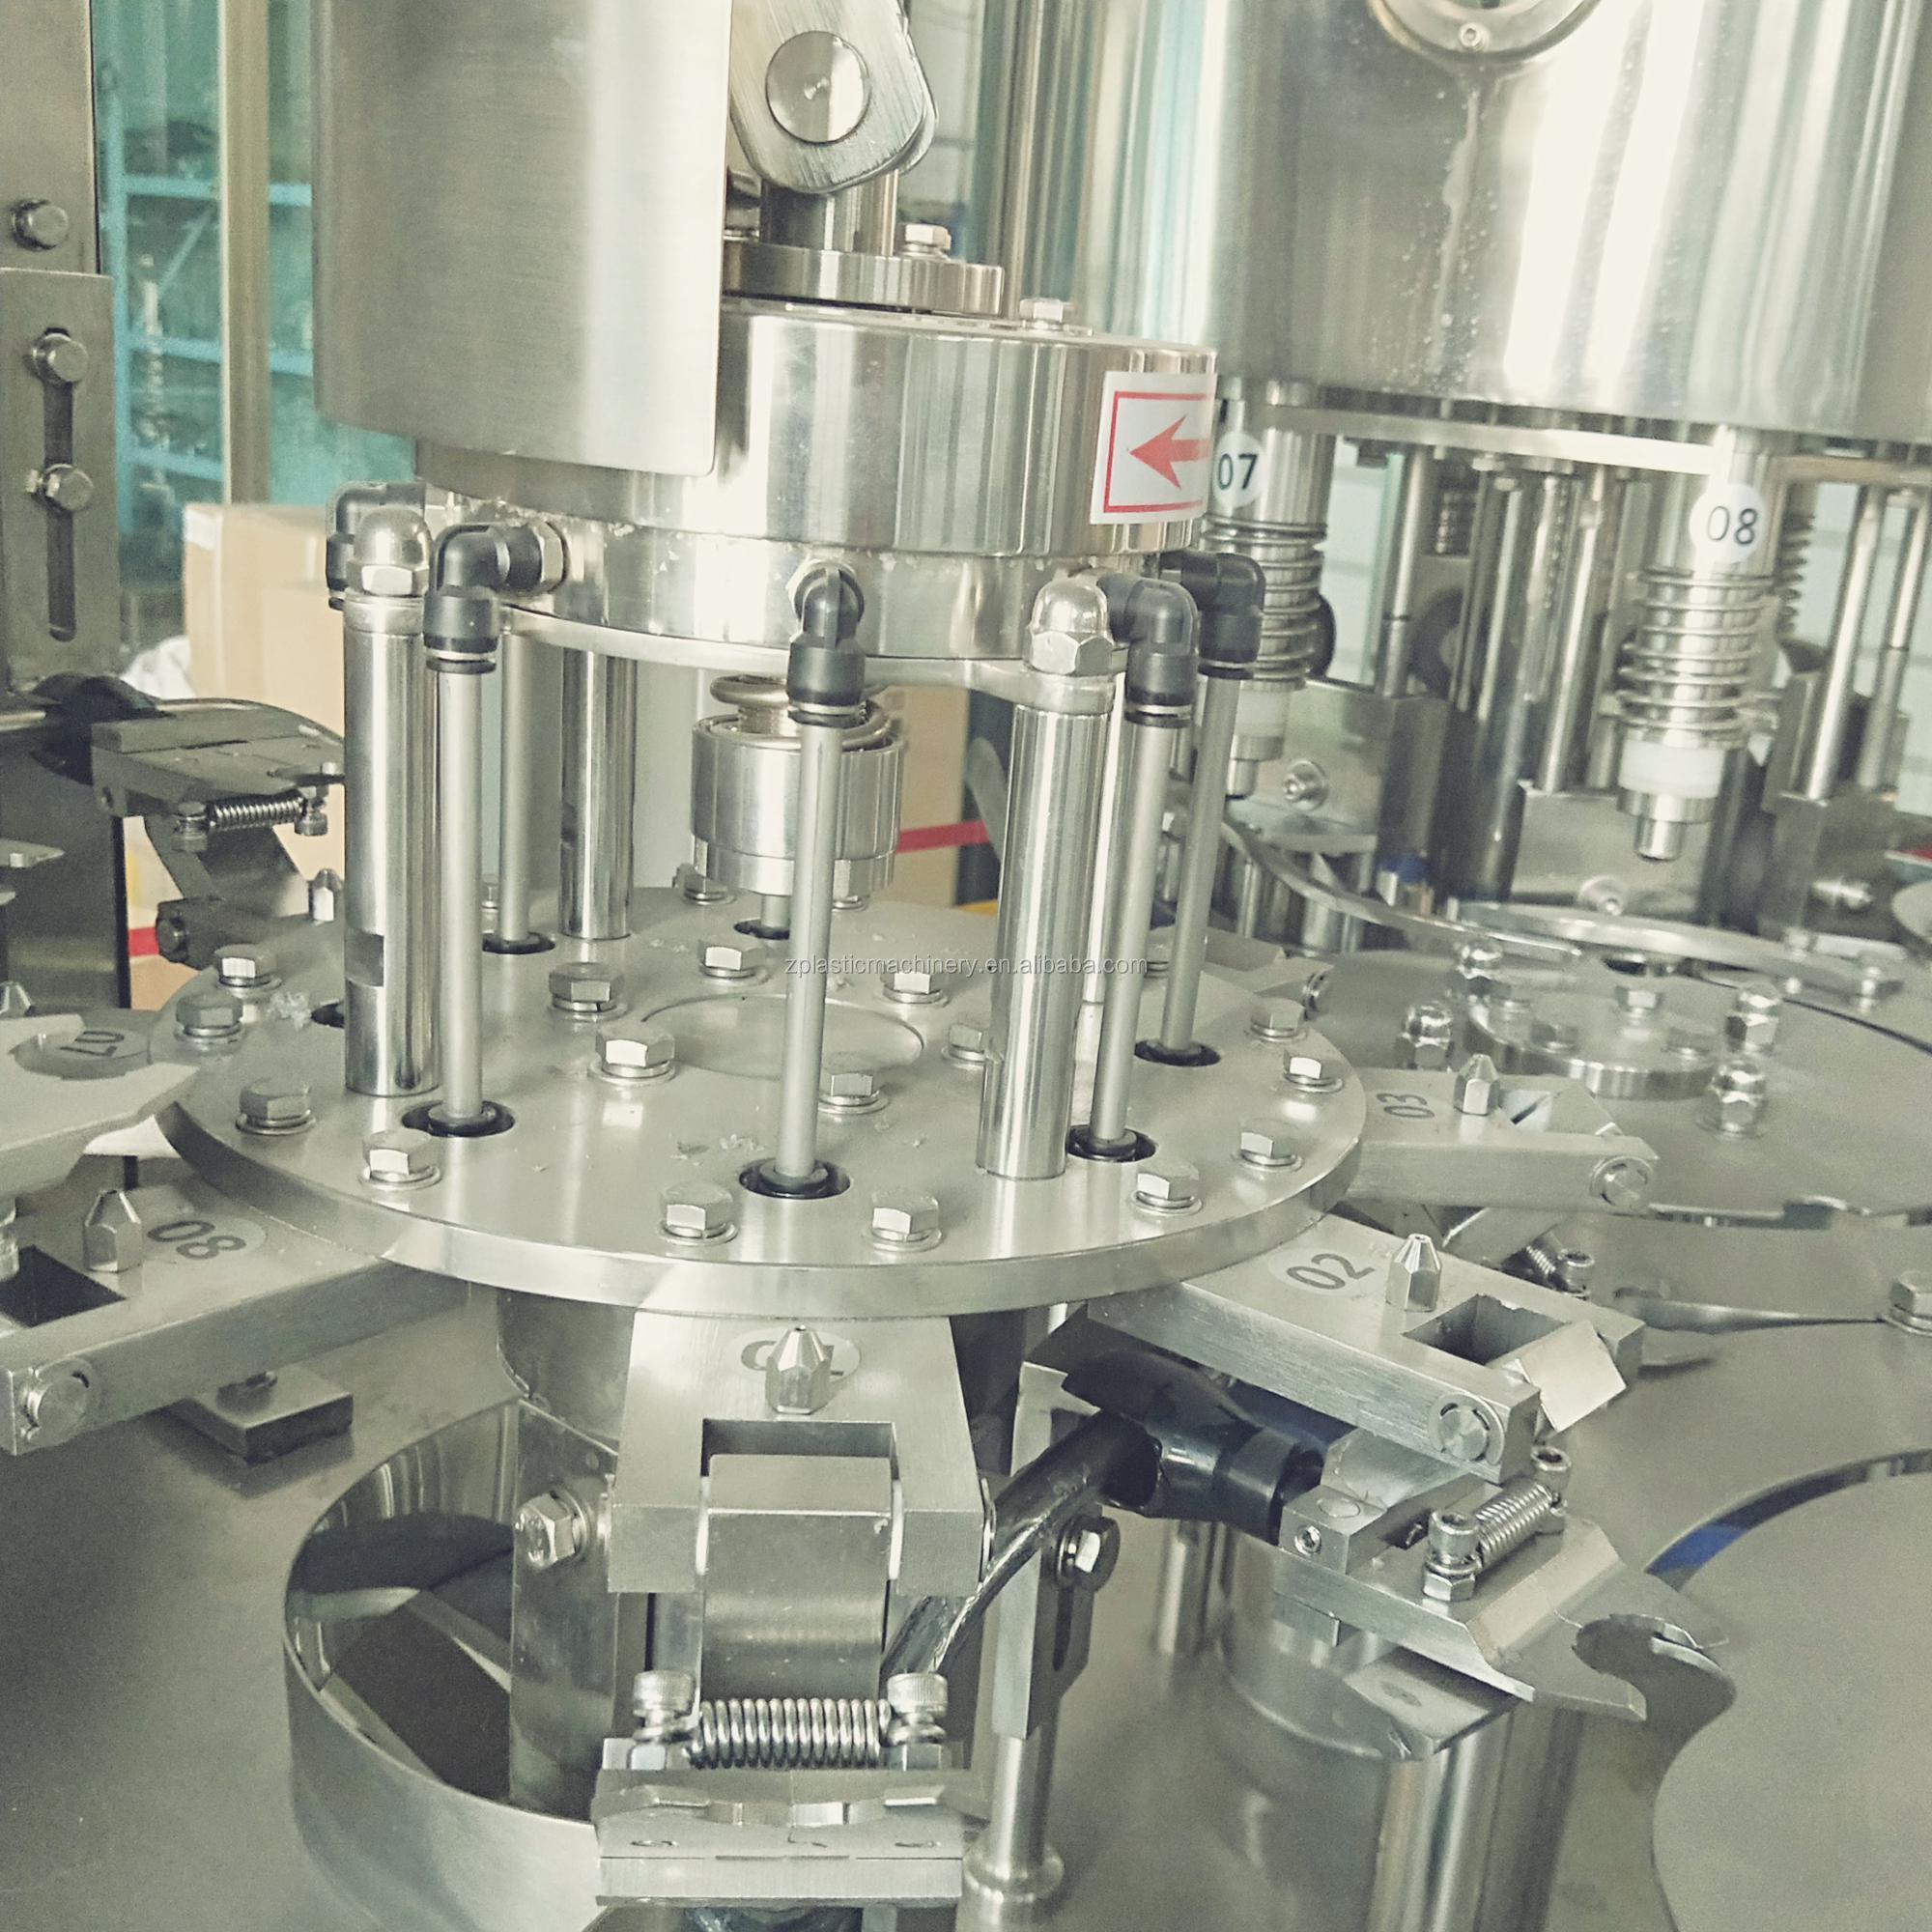 रोटरी भरने और सीलिंग मशीन, छोटे उद्योगों के लिए मिनरल वाटर की बोतल धोने भरने कैपिंग मशीन